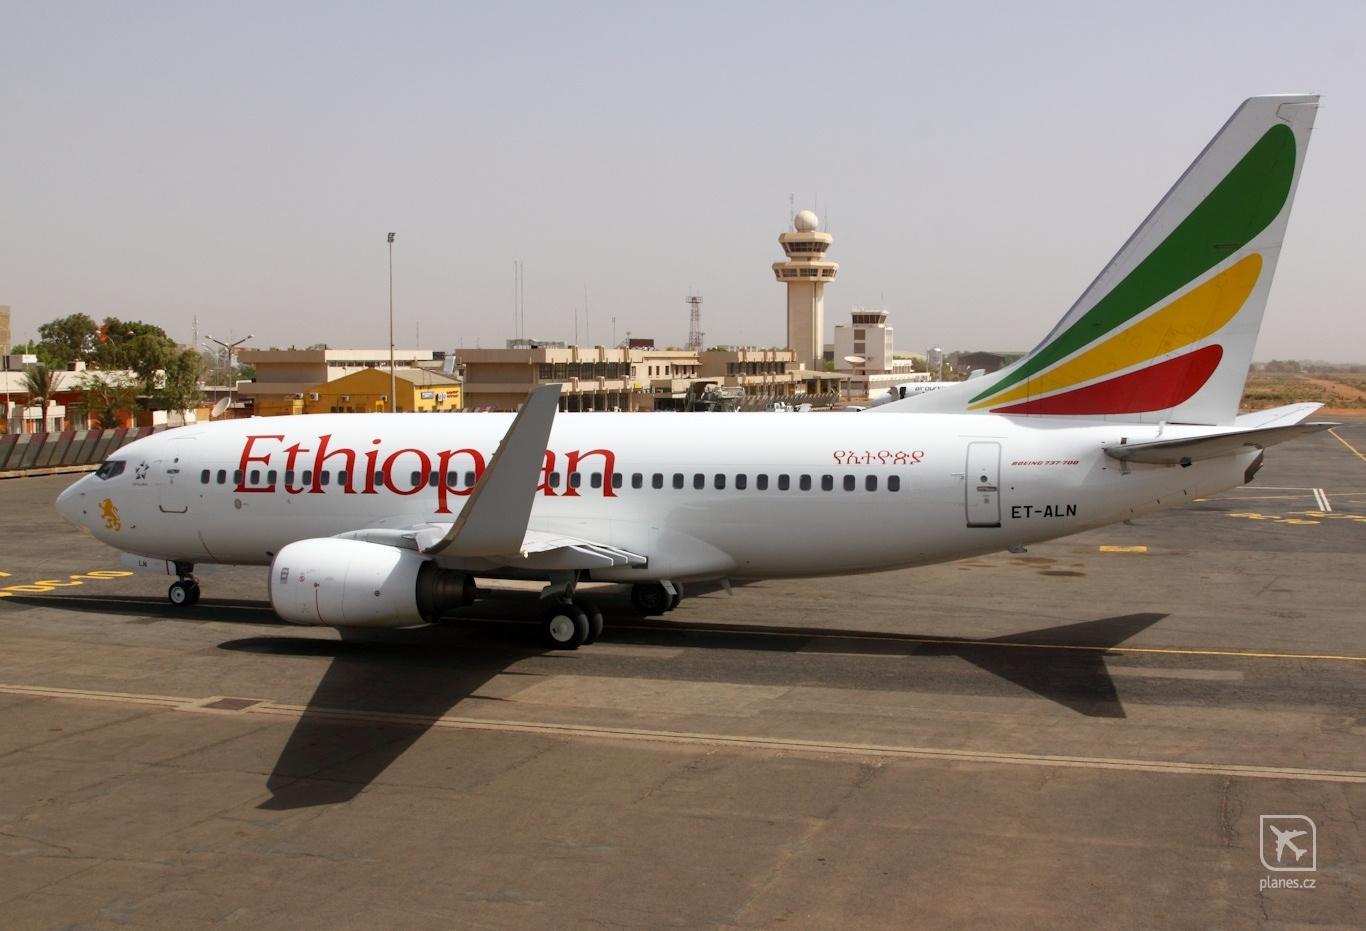 http://4.bp.blogspot.com/-wp_UAHmQO-k/URF73OJKiHI/AAAAAAAACqg/dP9H8d0gX88/s1600/b737-760-et-aln-ethiopian-airlines-eth-et-ouagadougou-oua-dffd.jpg